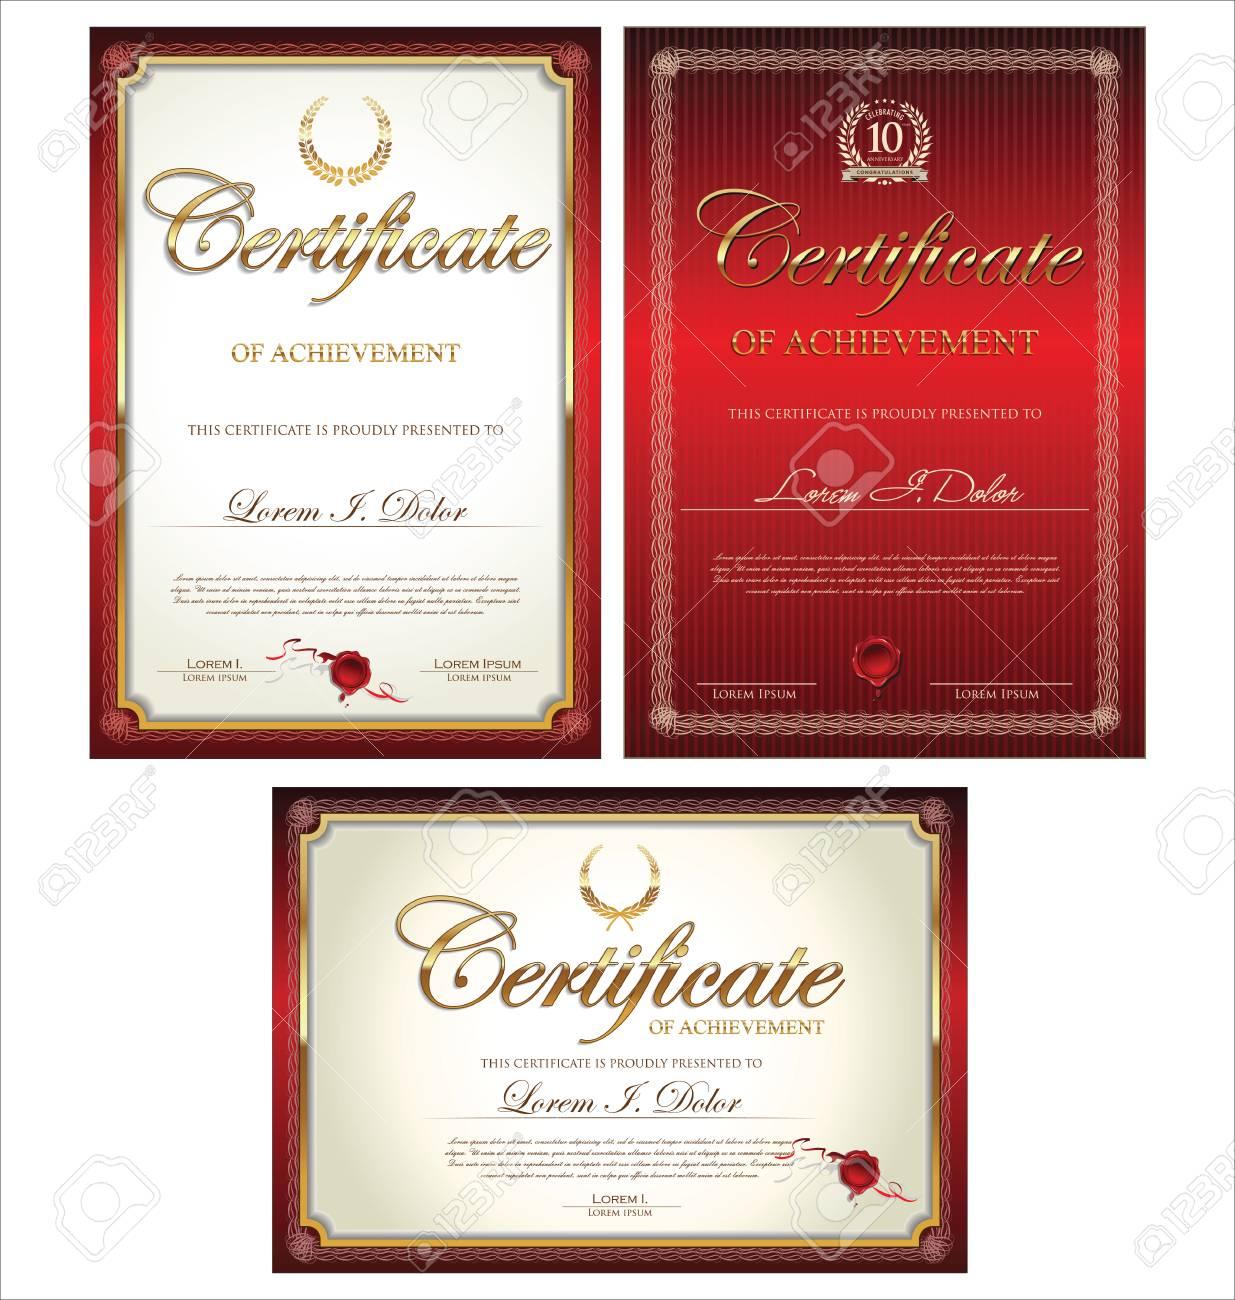 Red Zertifikatvorlage Sammlung Lizenzfrei Nutzbare Vektorgrafiken ...